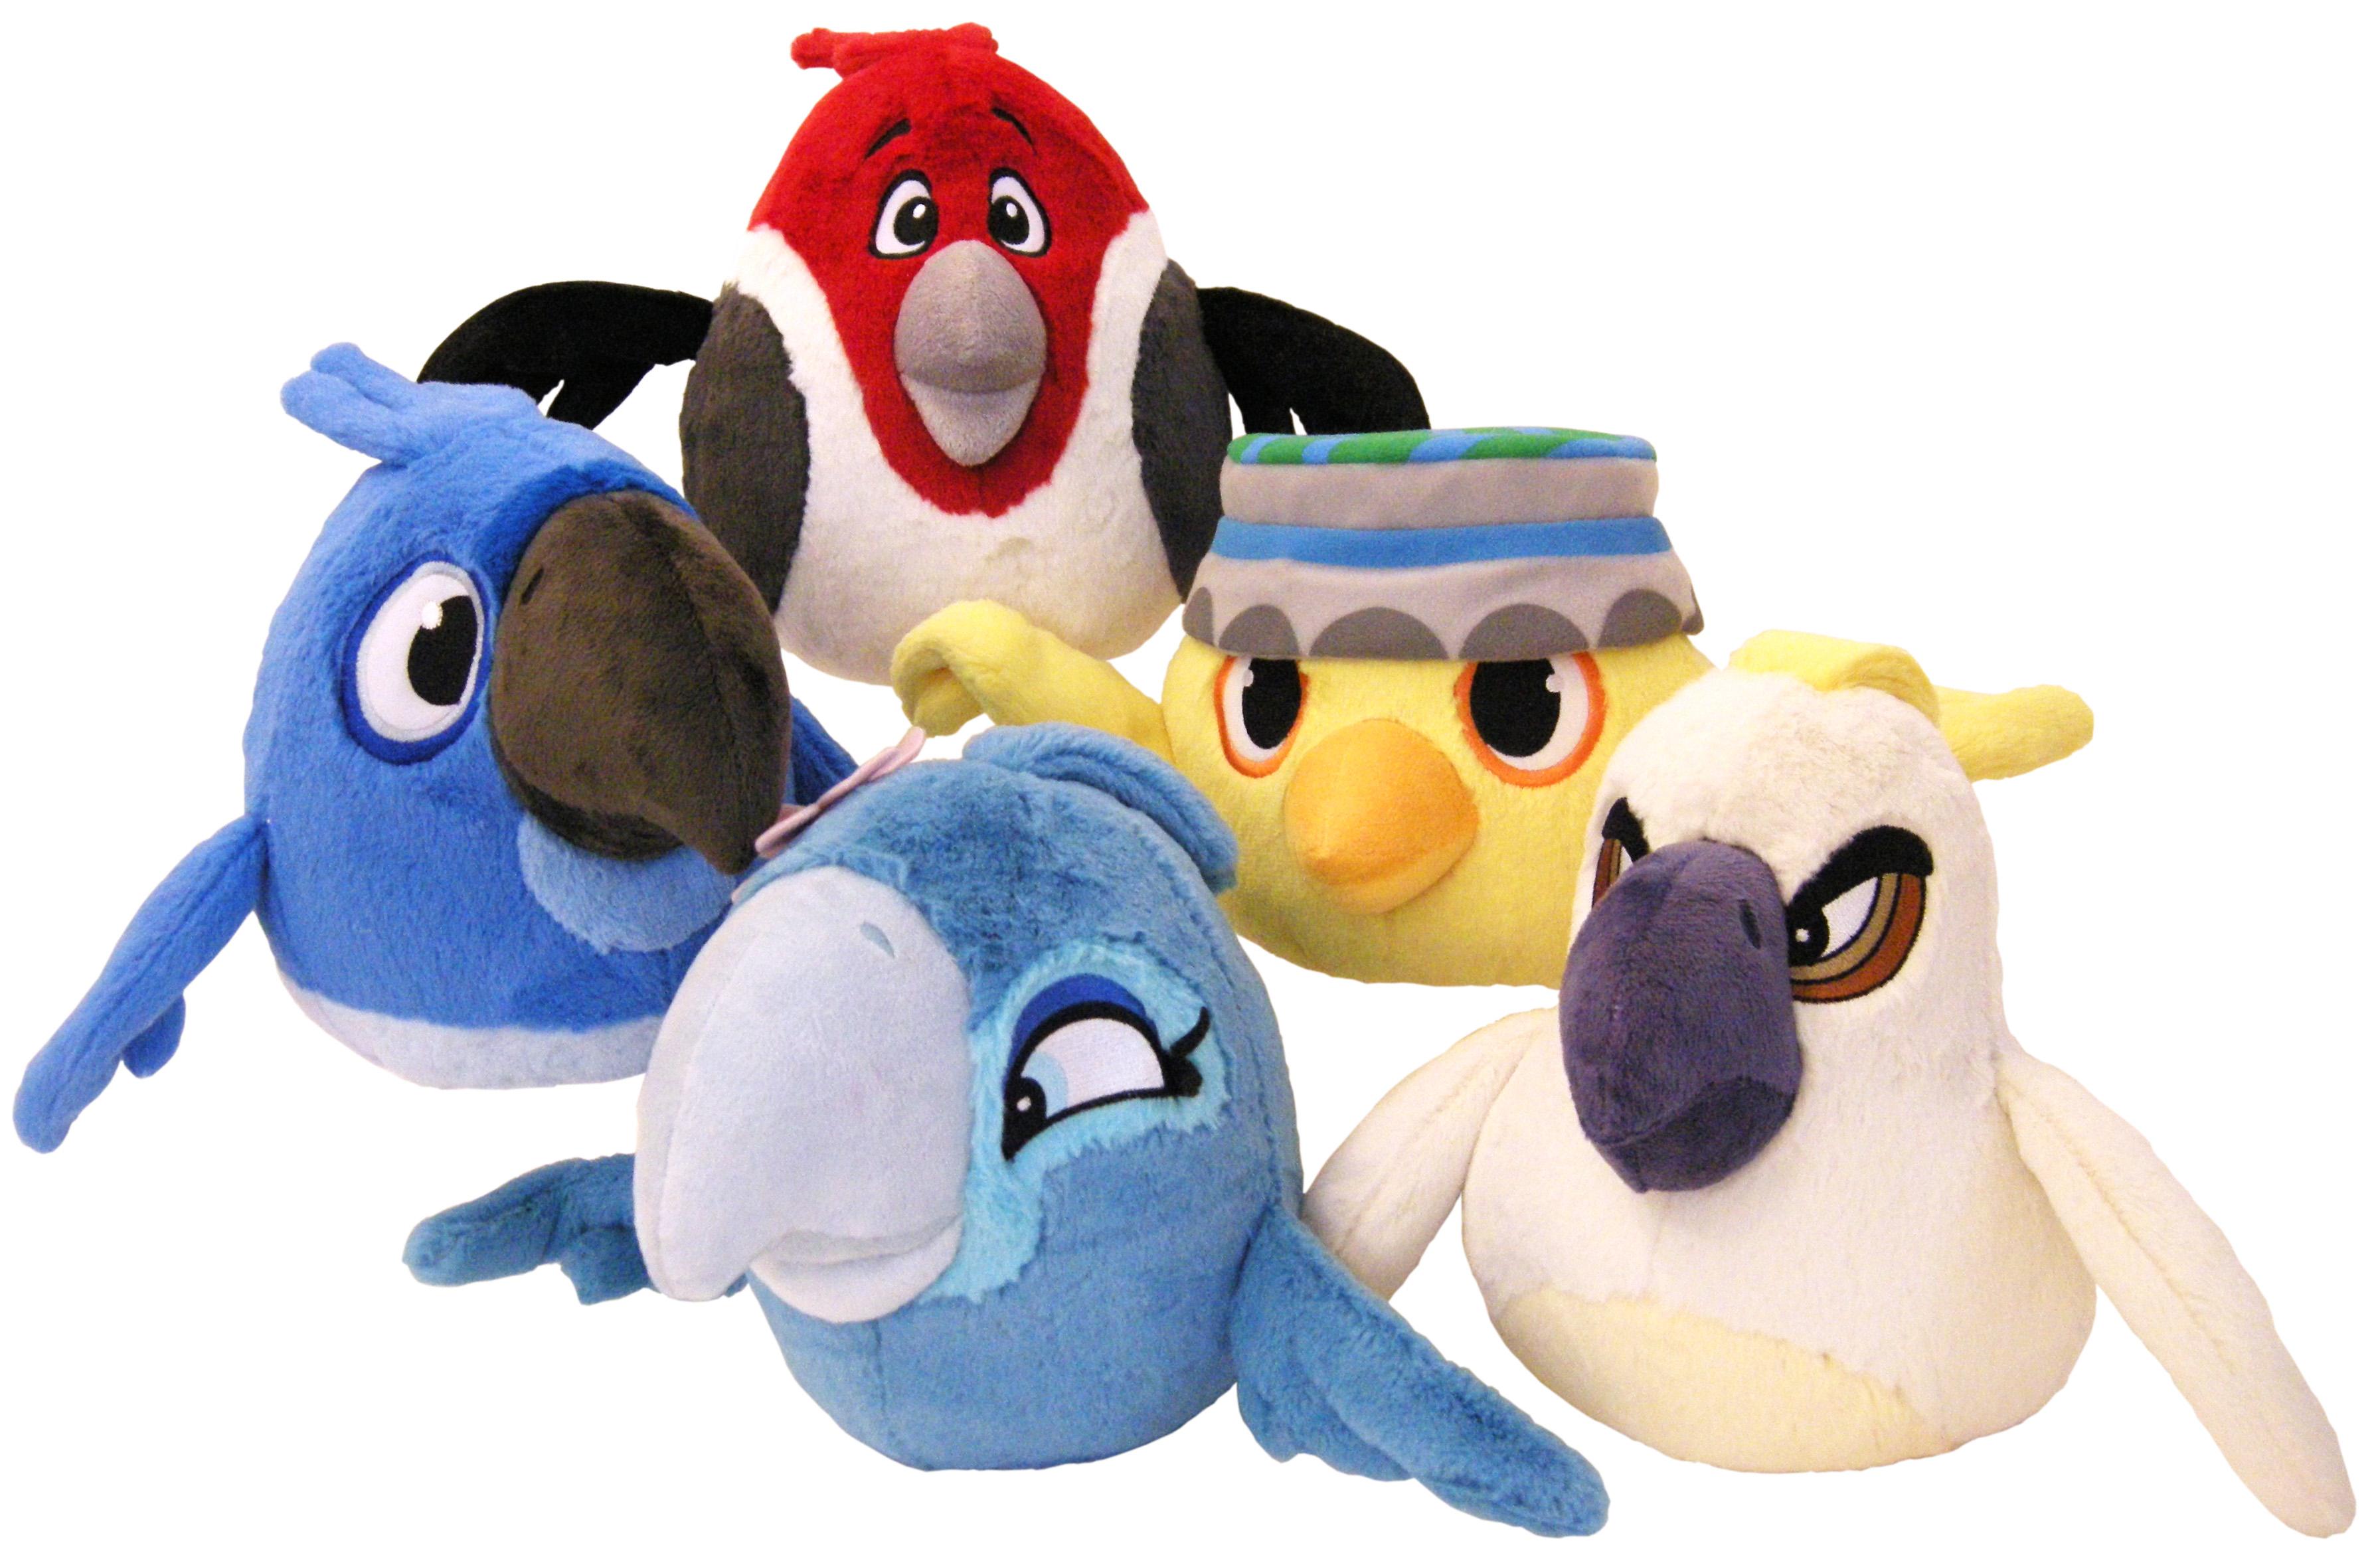 File:Angry birds rio plush toys.jpg